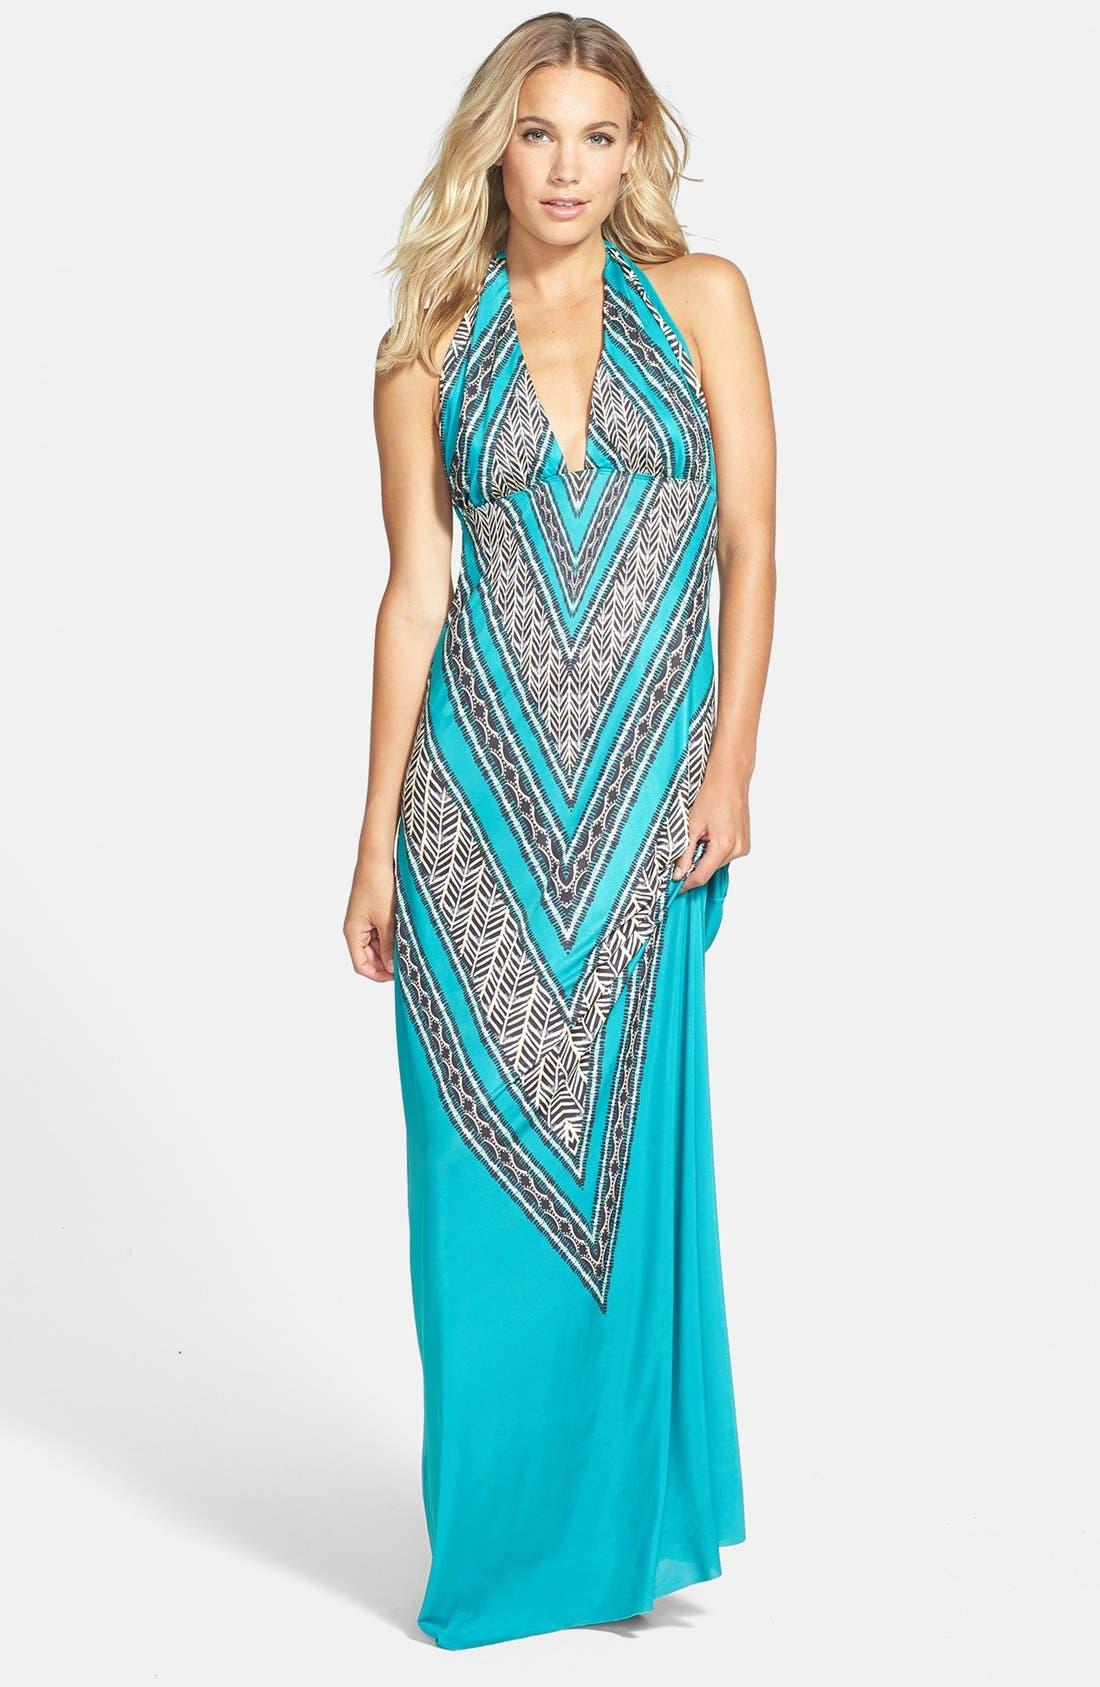 Main Image - ViX Swimwear 'Xingu Bahama' Maxi Dress